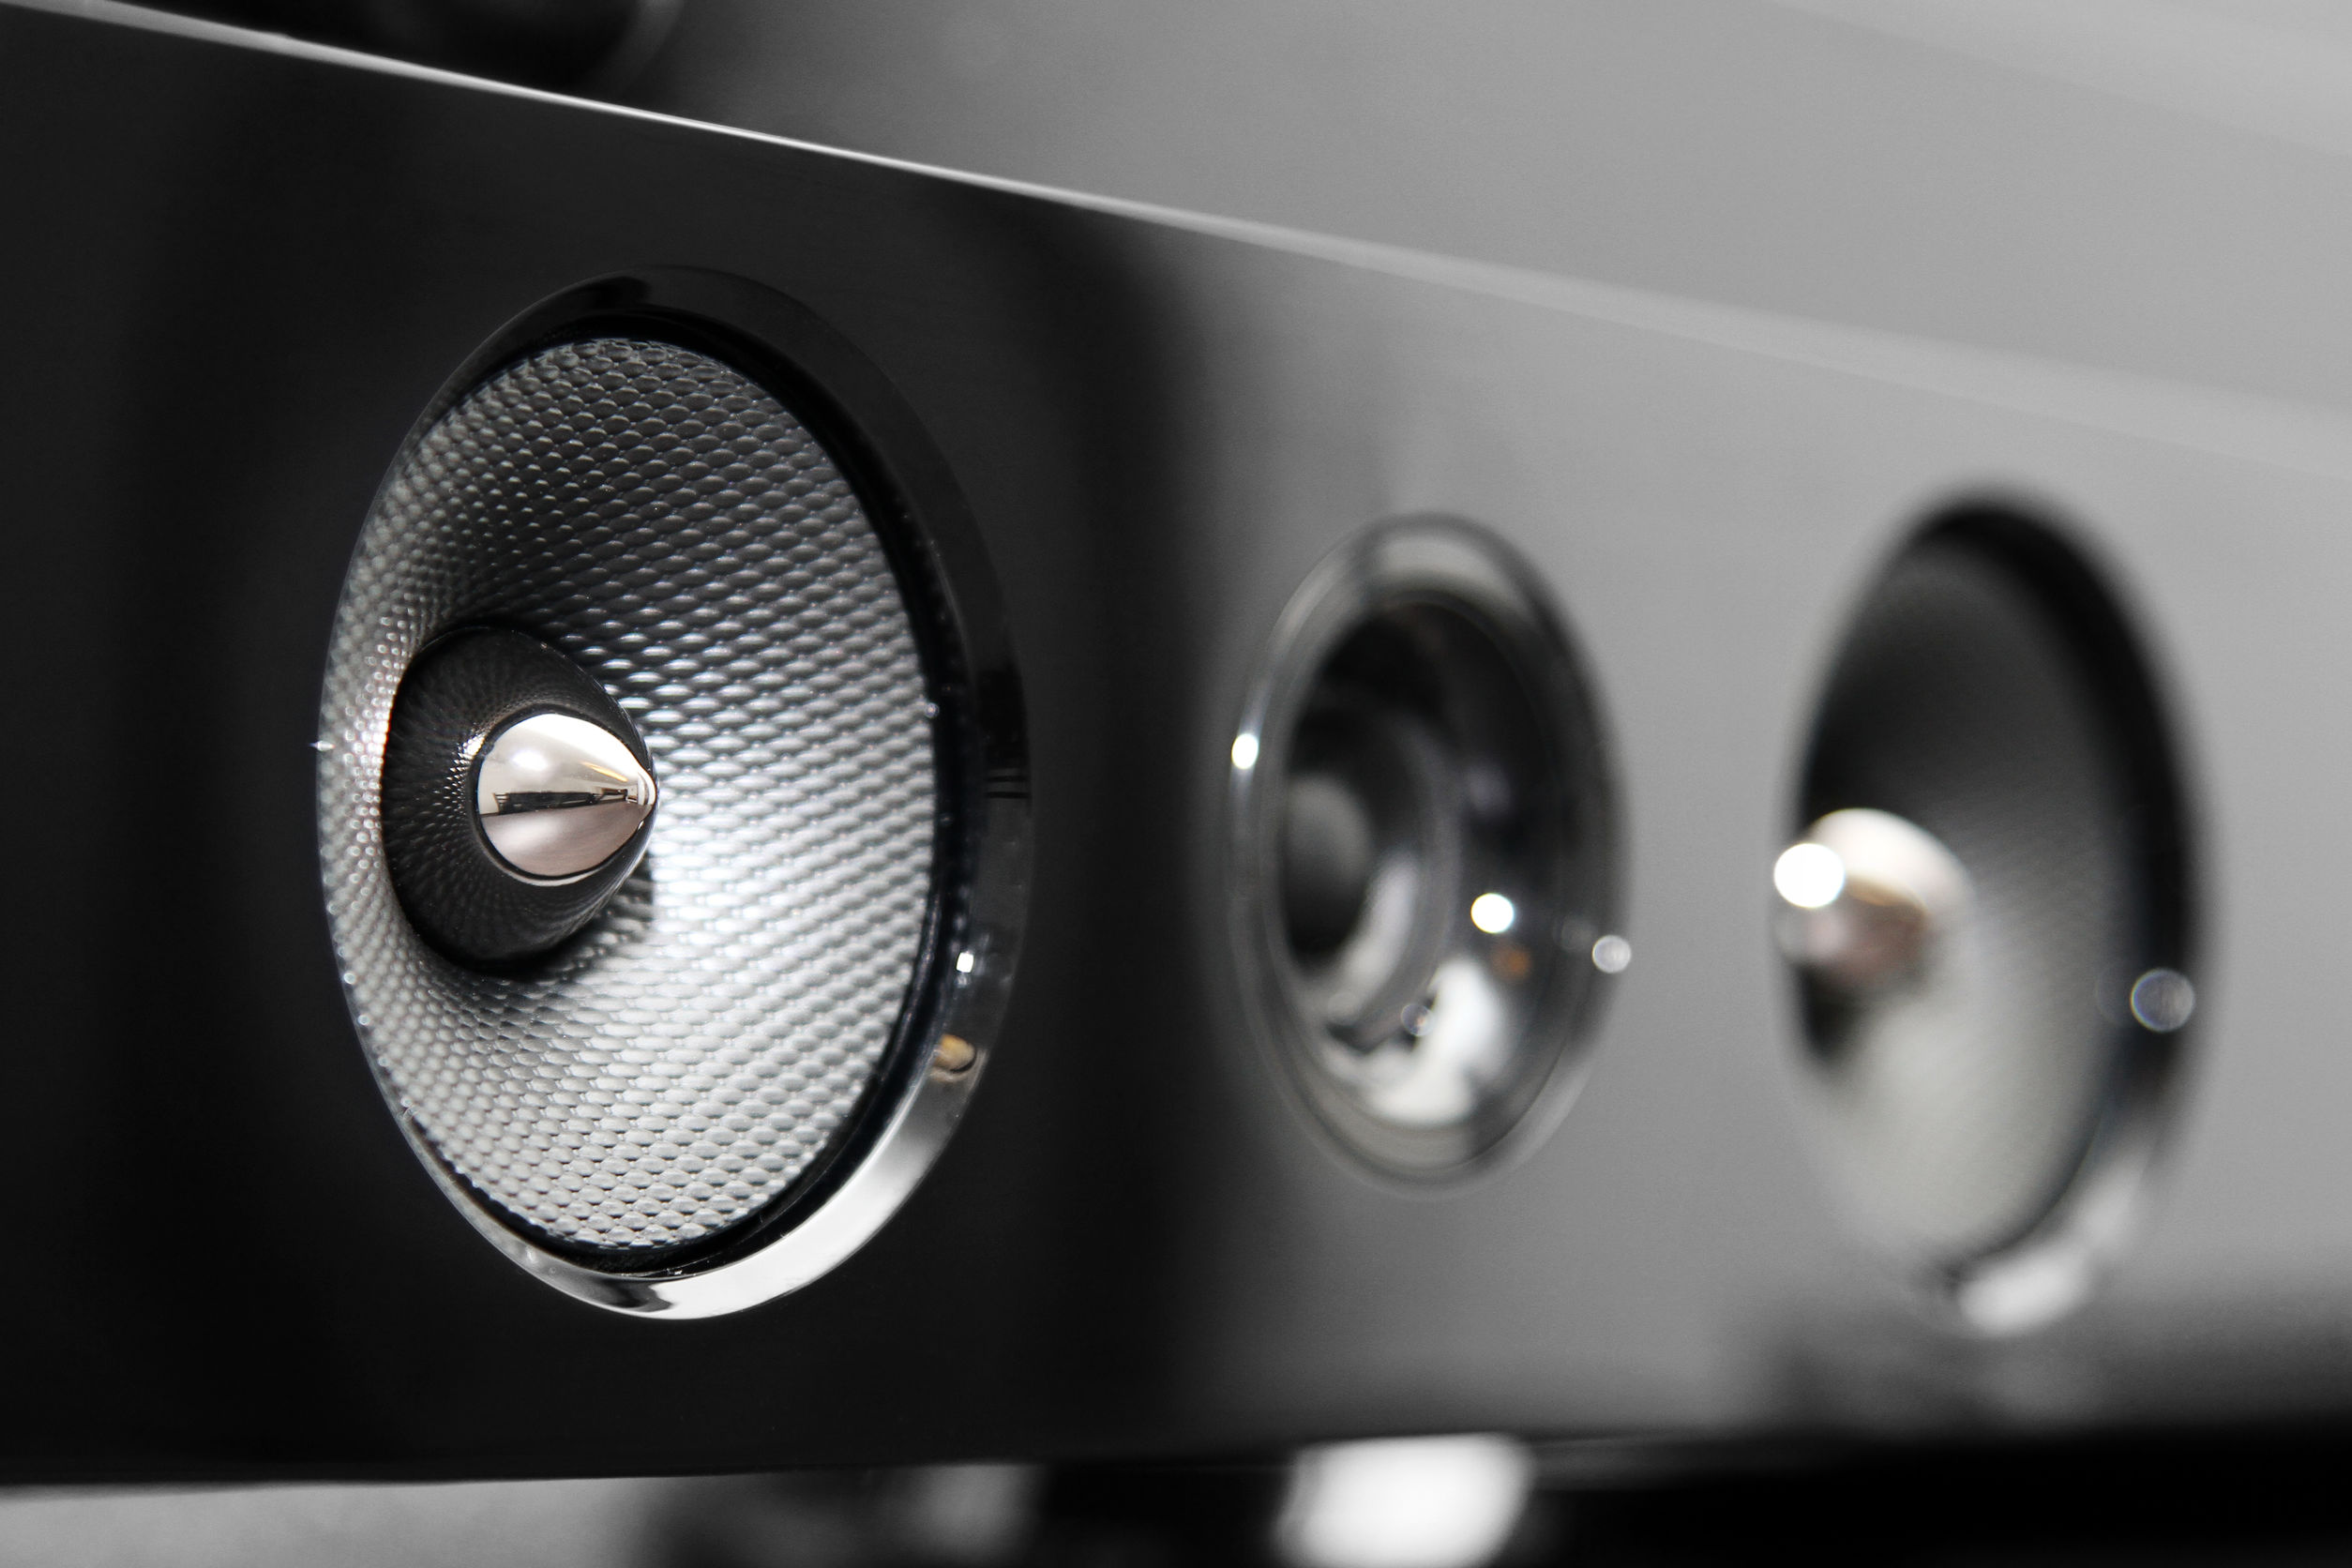 Miglior soundbar LG 2020: Guida all'acquisto